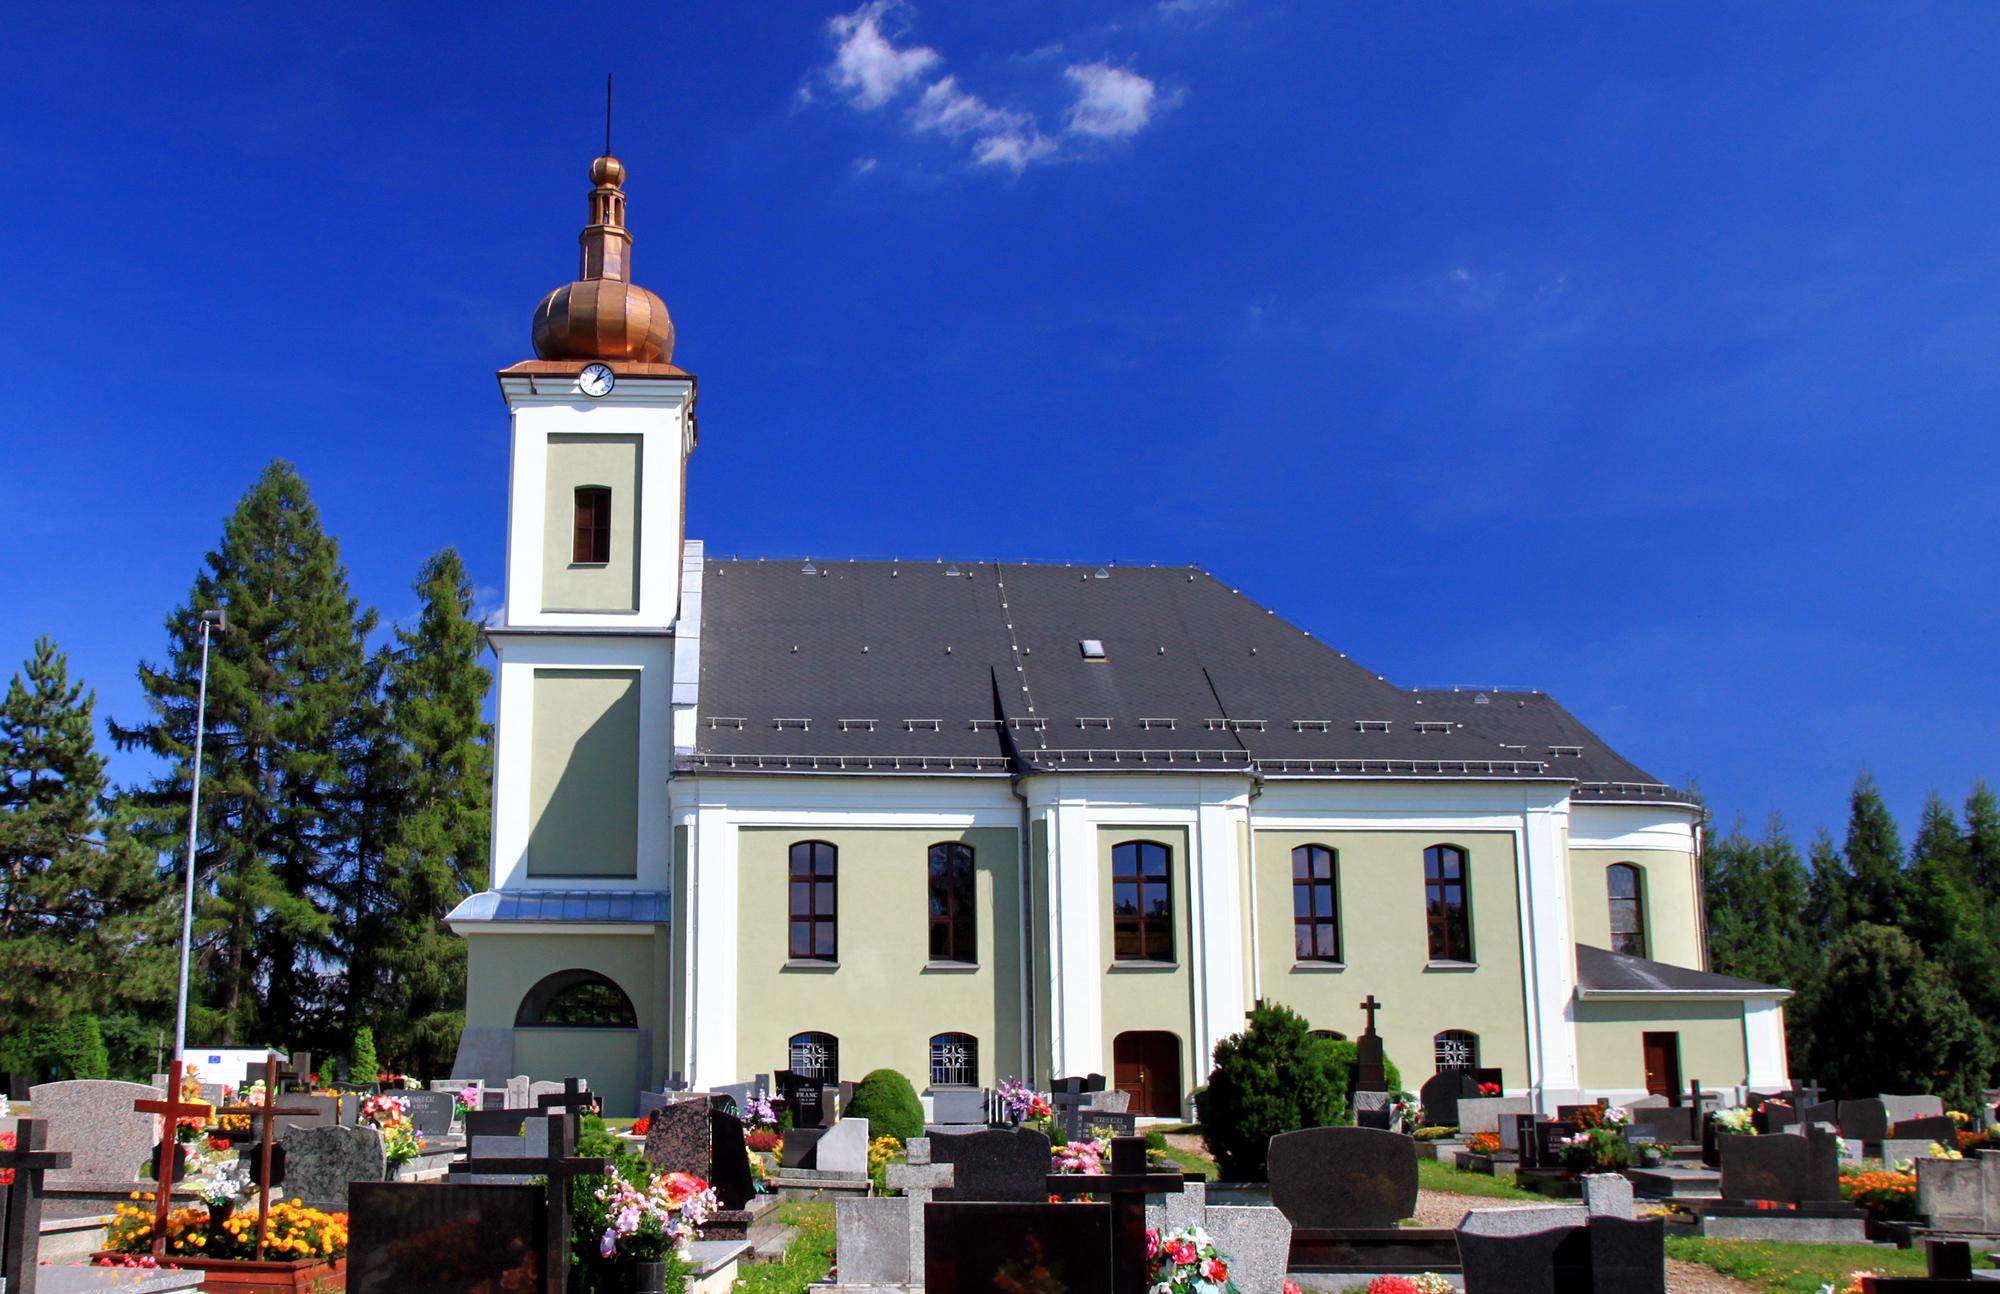 Wieża Kościoła w Golasowicach